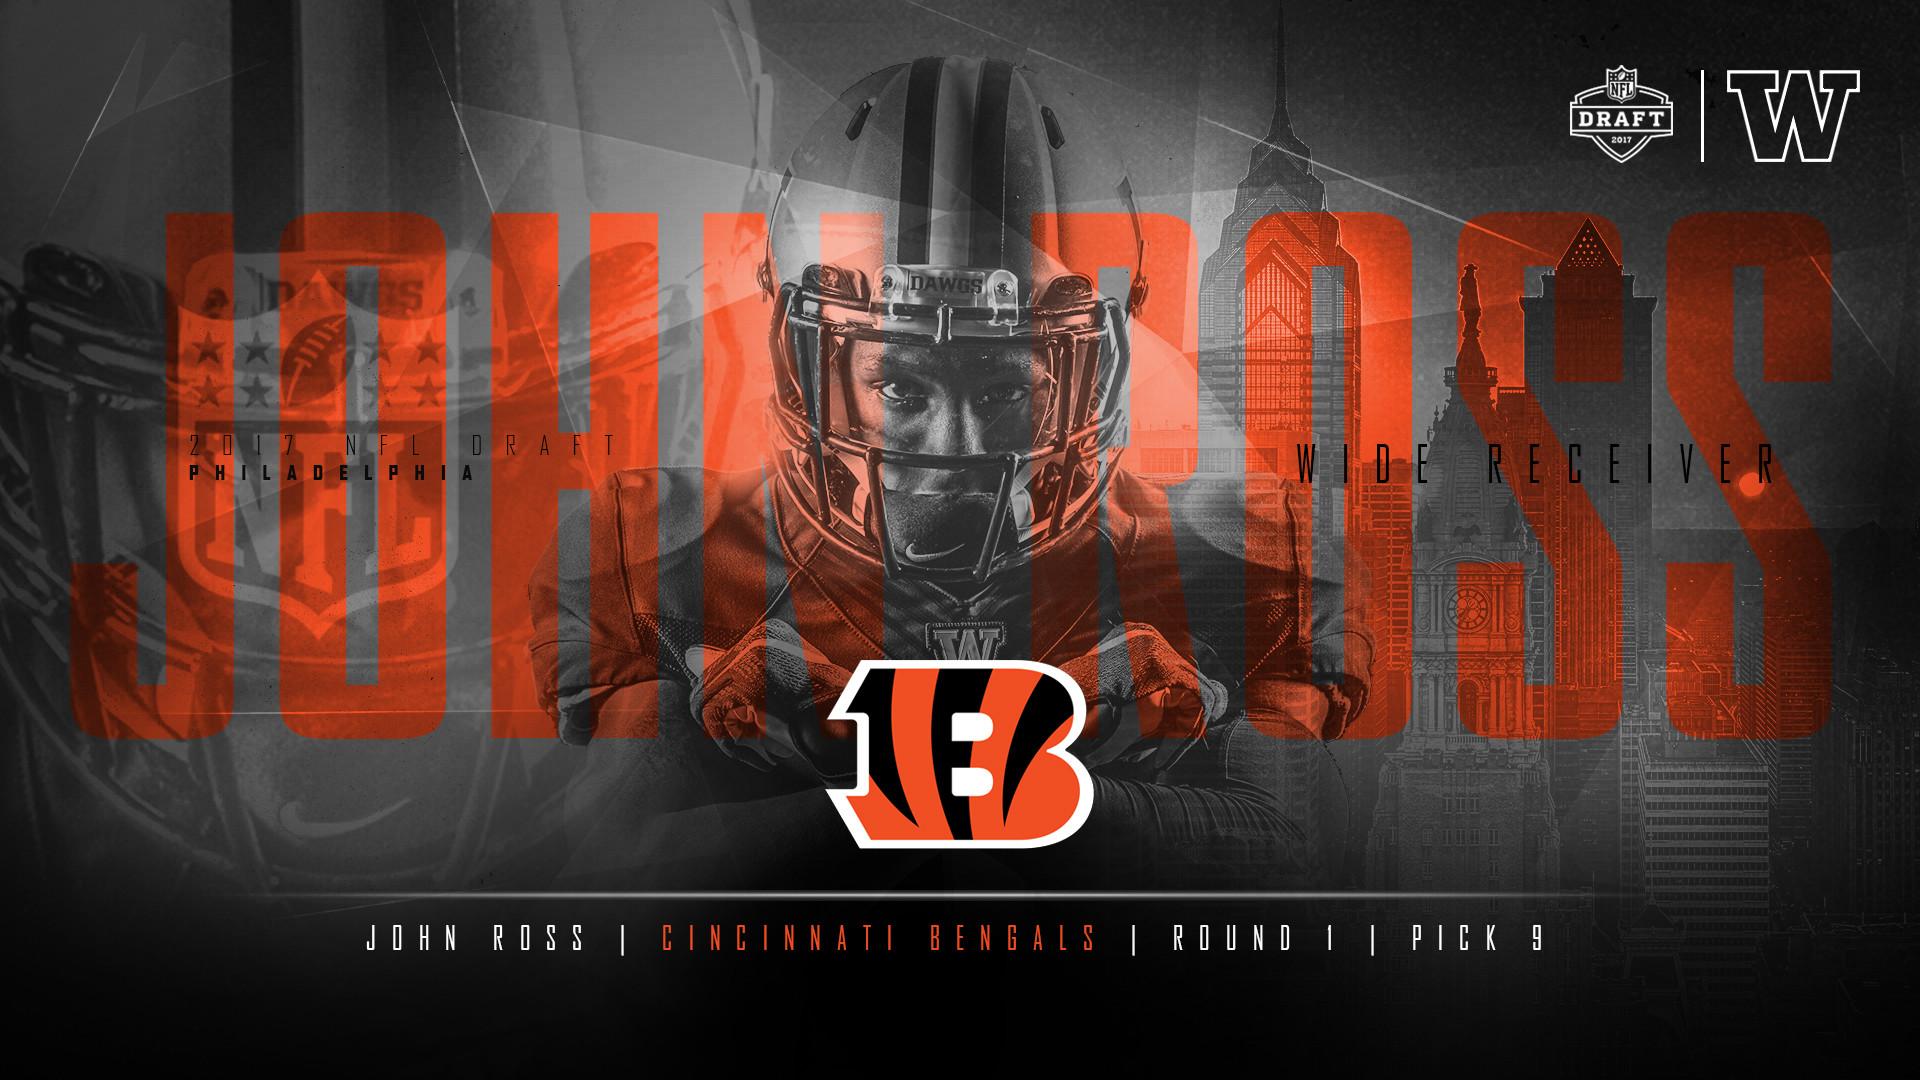 Get Desktop Wallpaper Cincinnati Bengals Wallpaper Pics